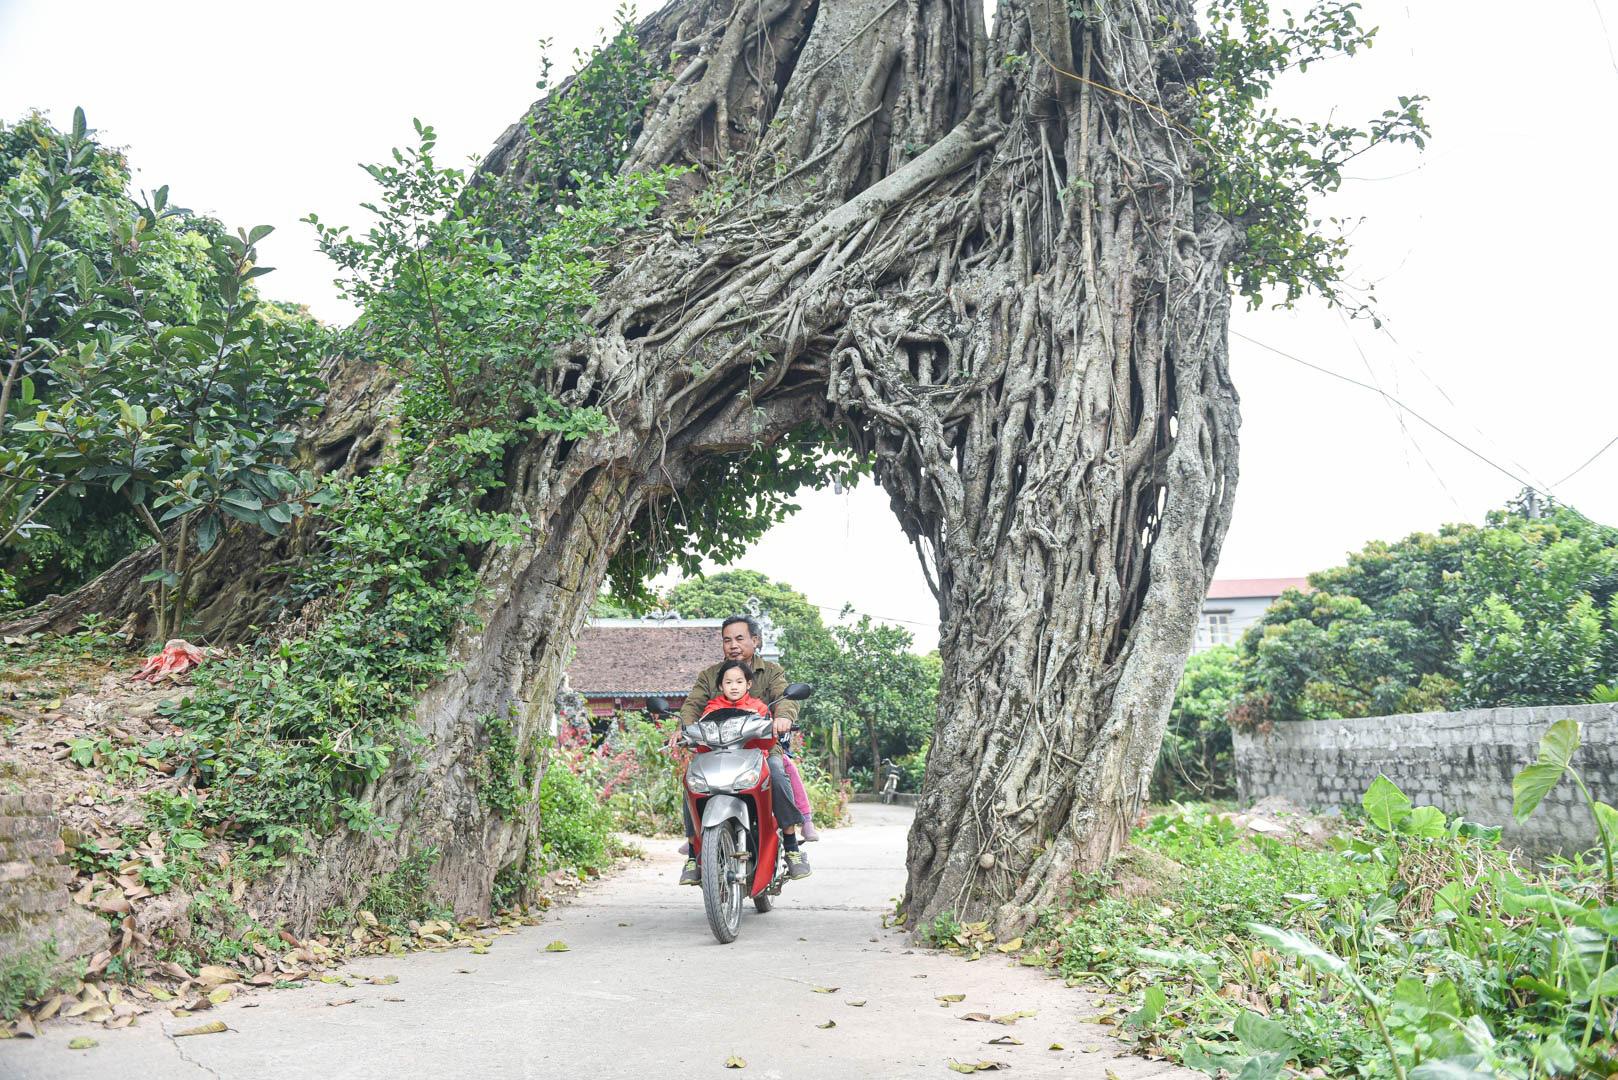 """Cây đa 500 tuổi có bộ rễ khủng tạo thành cổng làng """"độc"""" nhất ở Hưng Yên - Ảnh 8."""